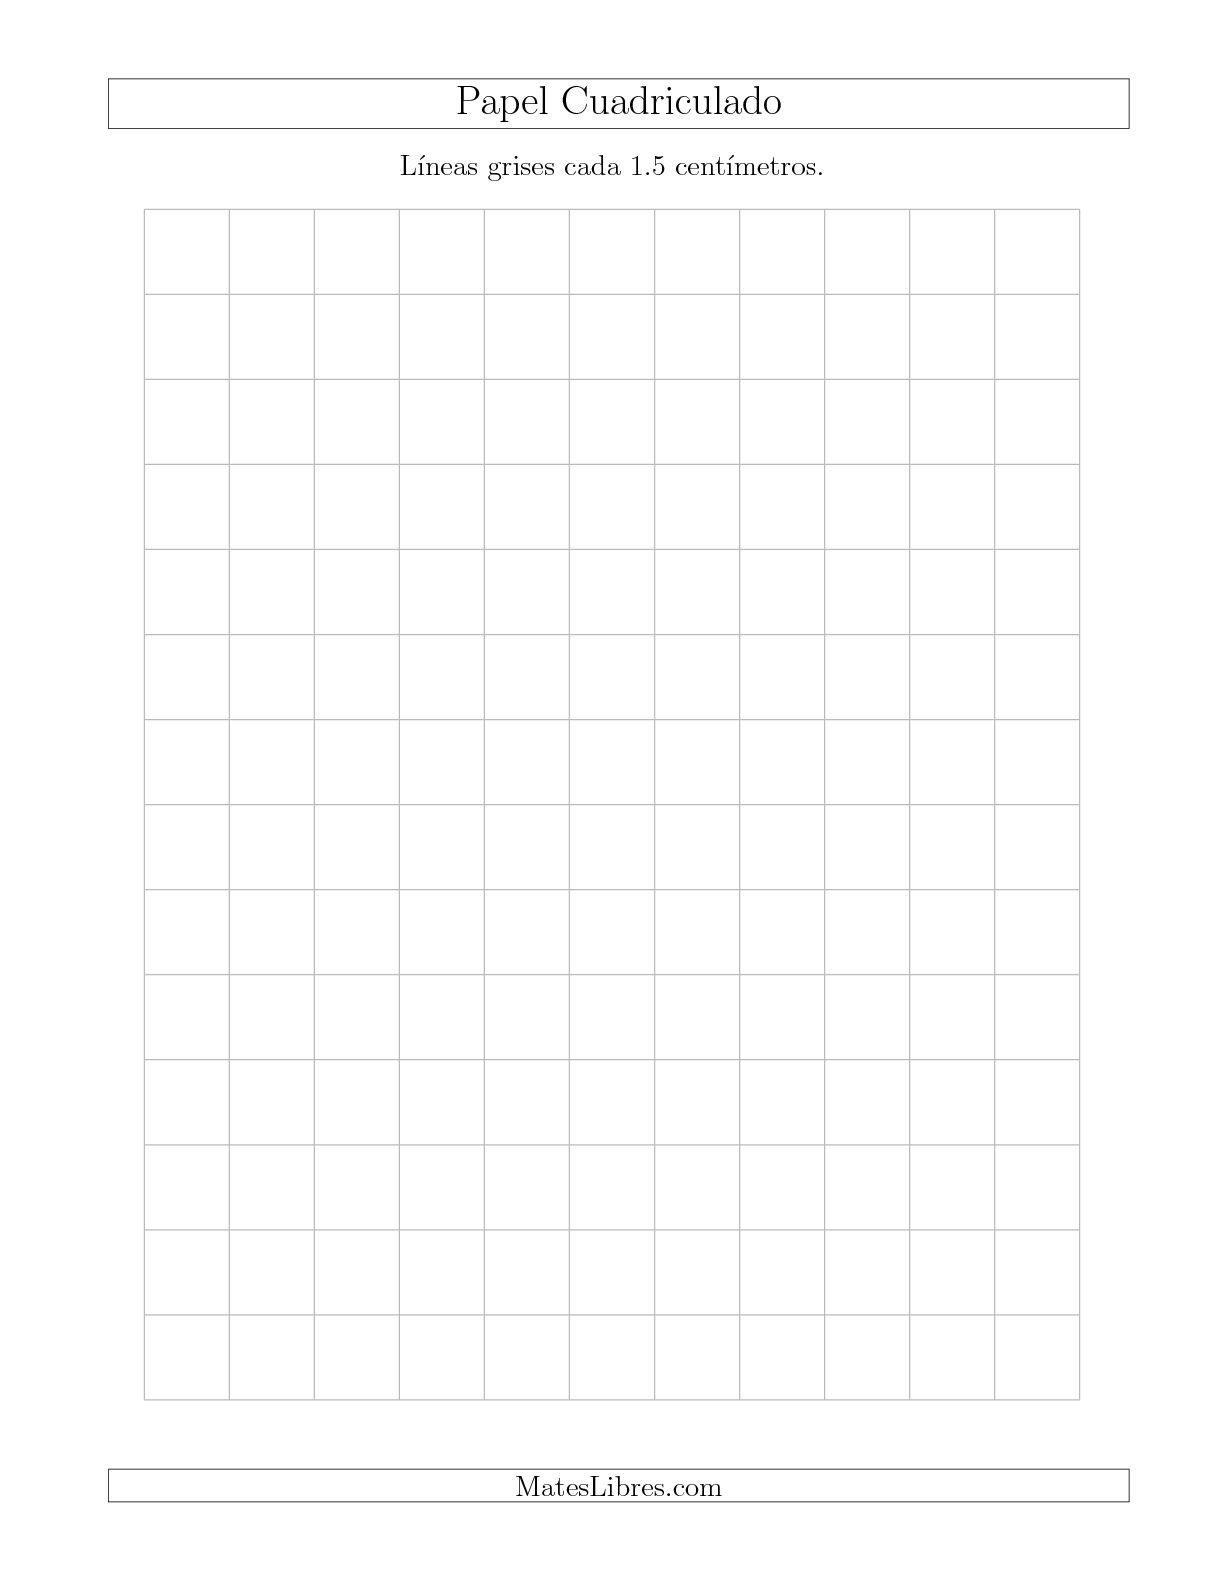 La Papel Cuadriculado con Líneas Grises cada 1.5cm, Tamaño de Papel Carta Hojas de Papel Cuadriculado